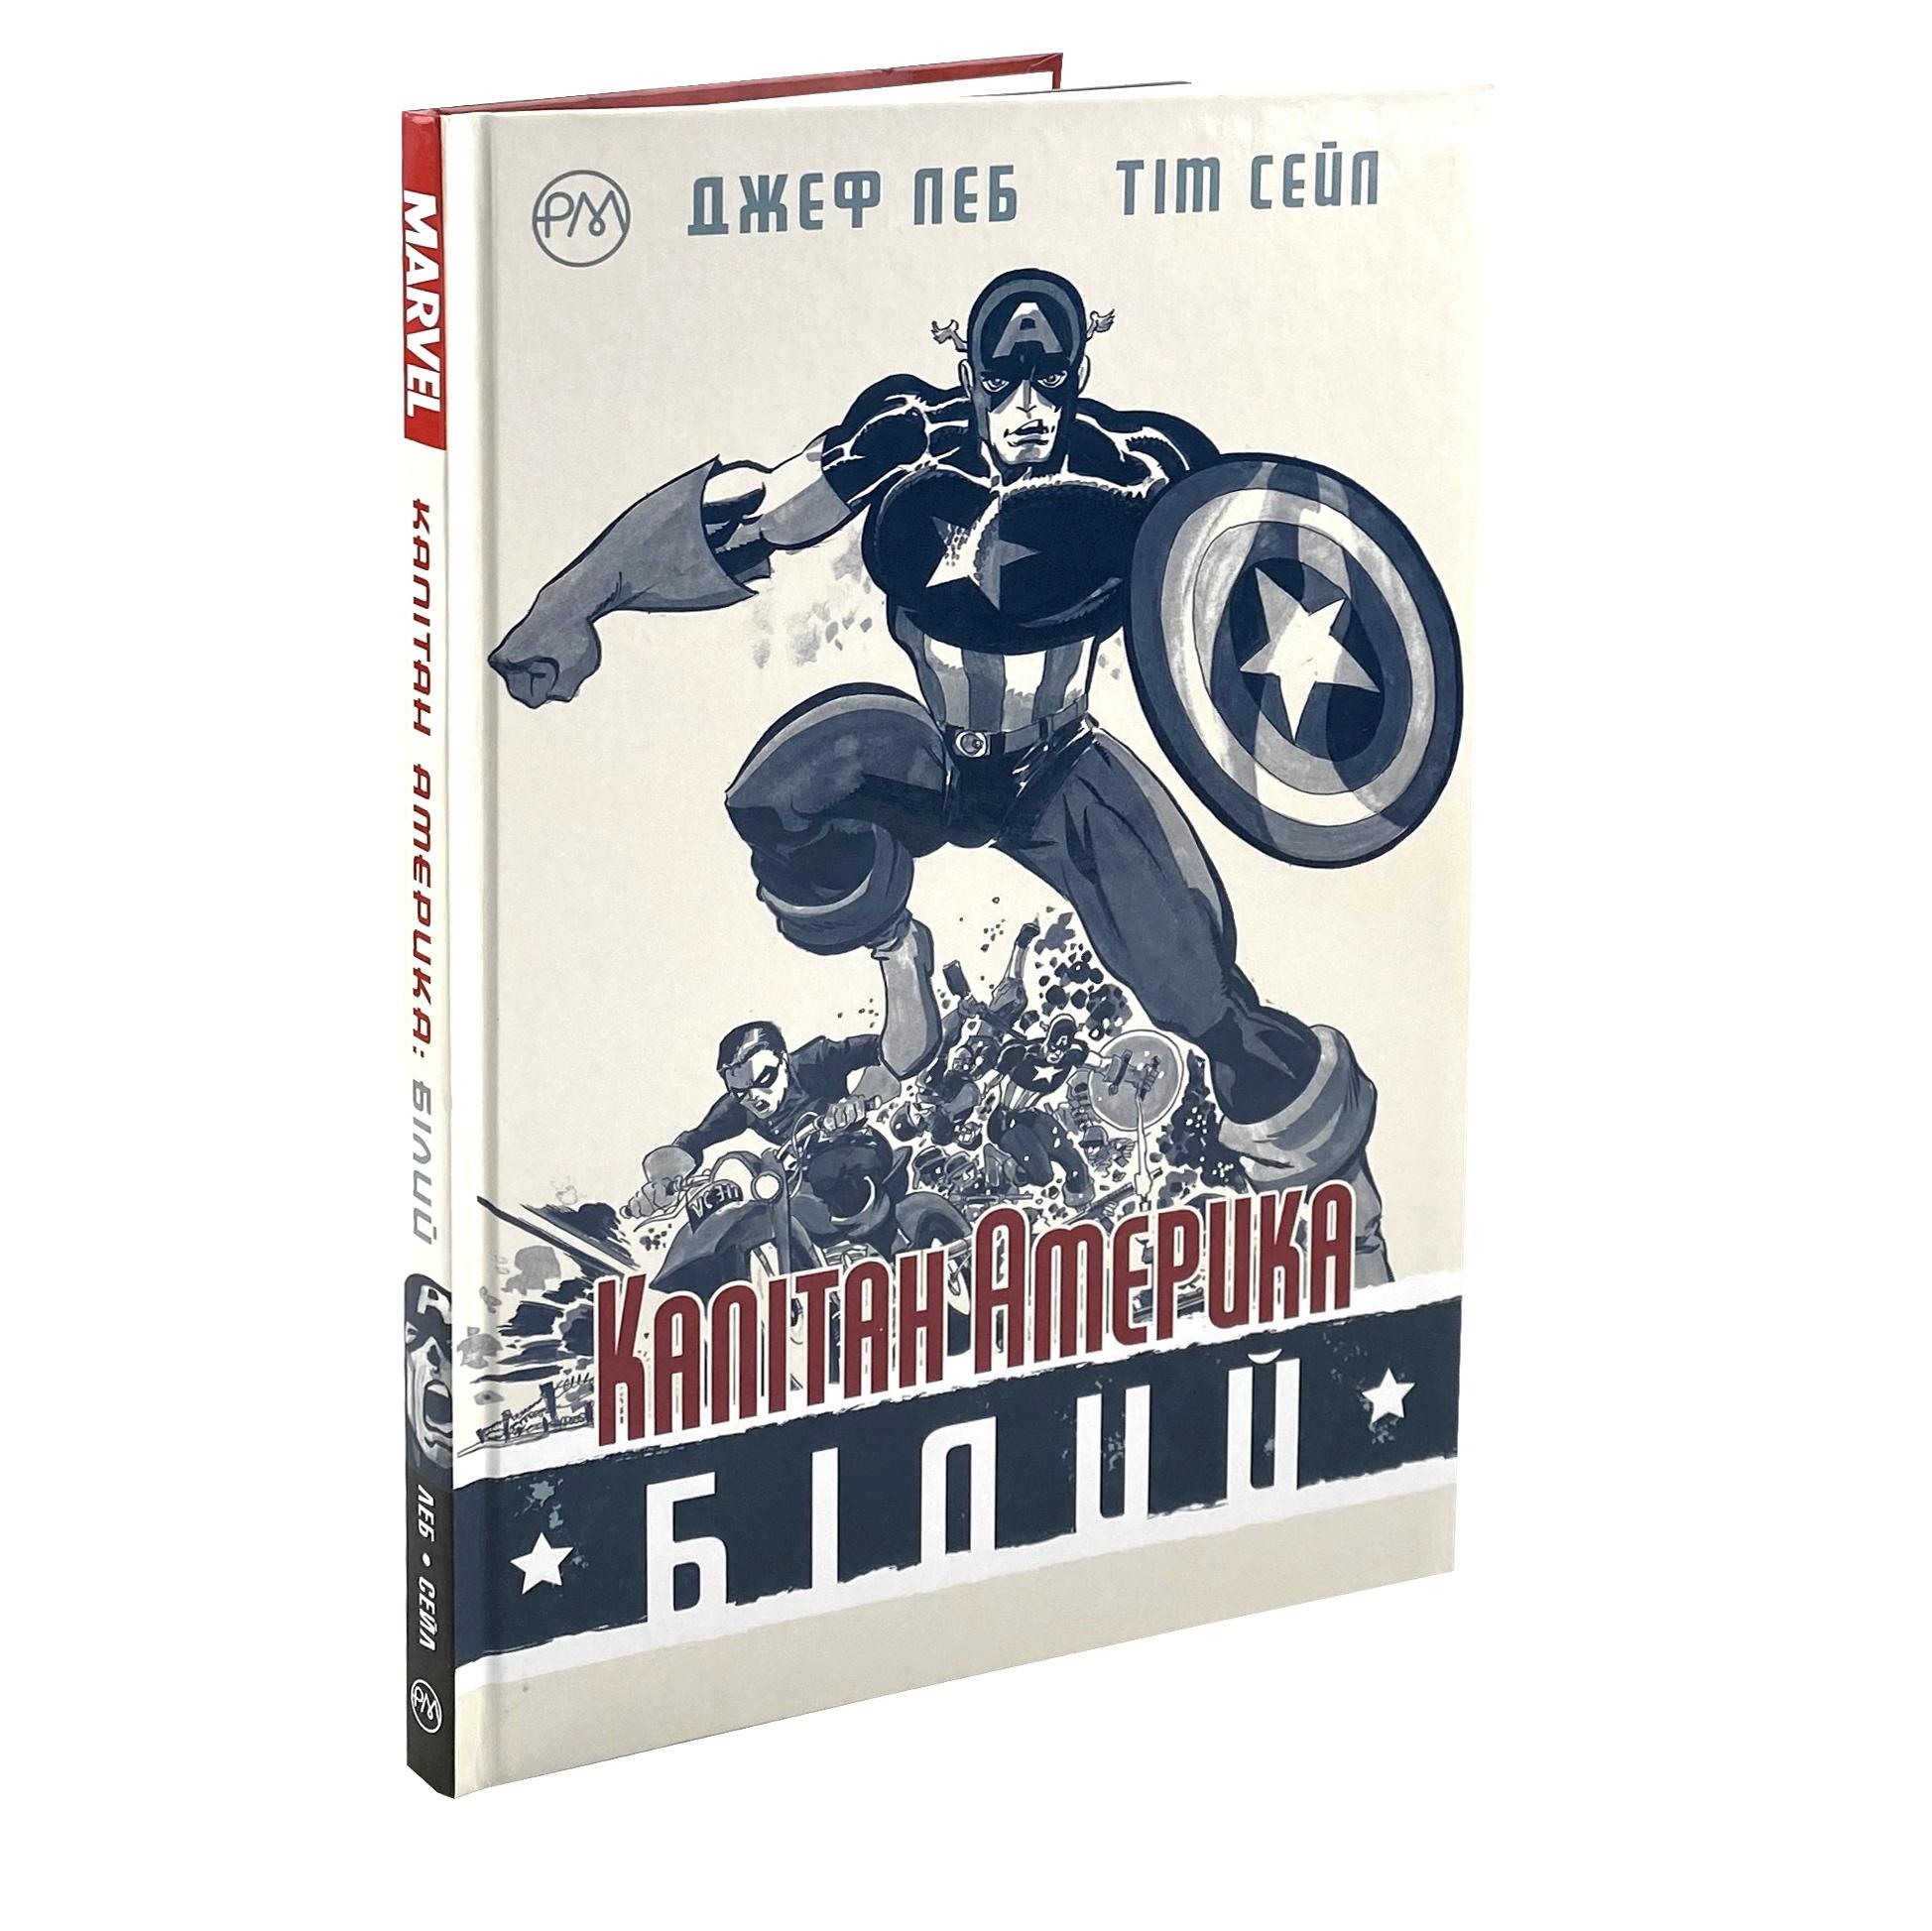 Капітан Америка. Білий. Автор — Джеф Леб.